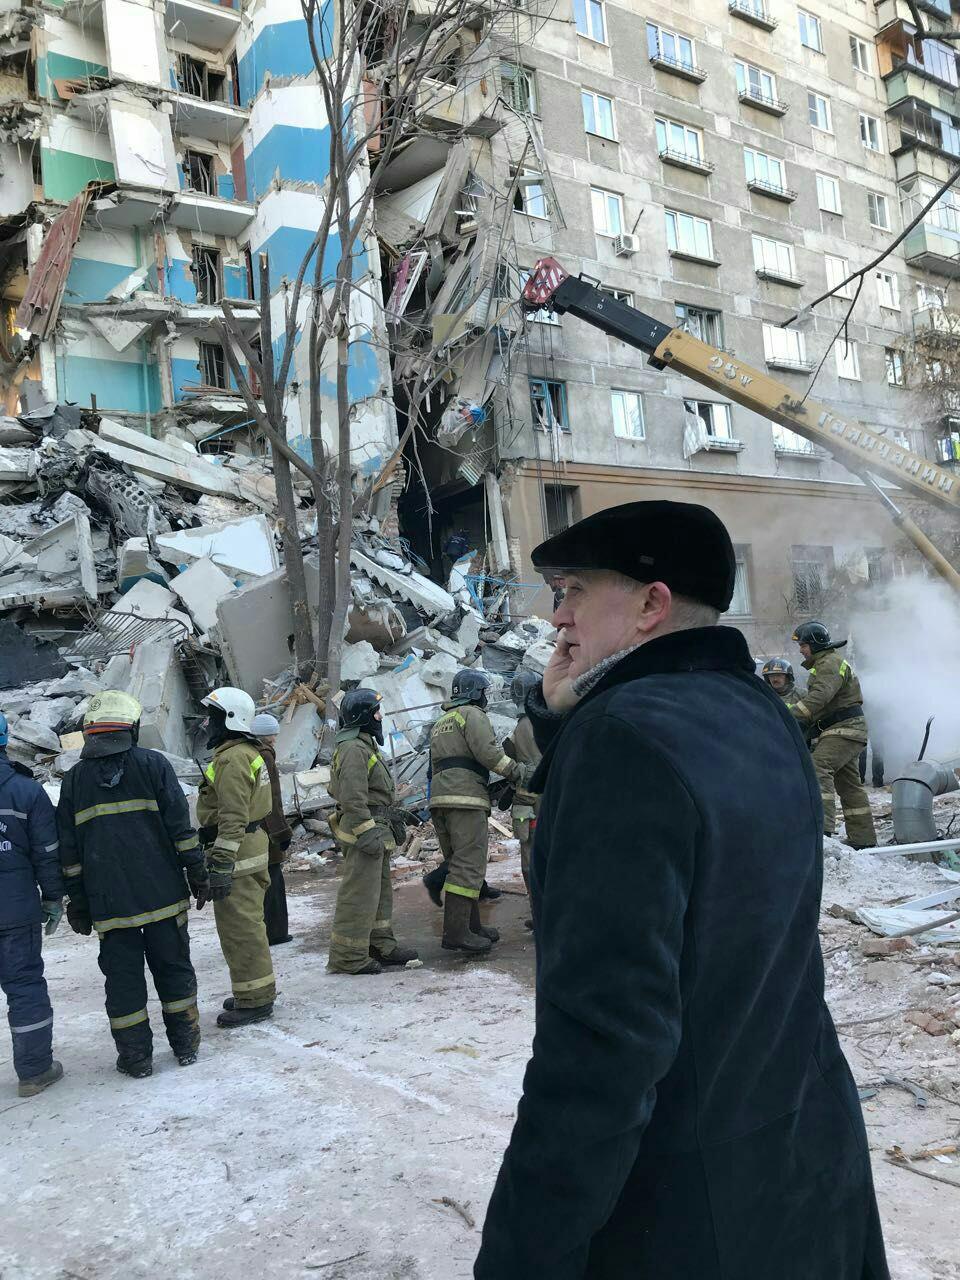 Уцелевшие после взрыва бытового газа квартиры в десятиэтажном доме Магнитогорска (Челябинская обл